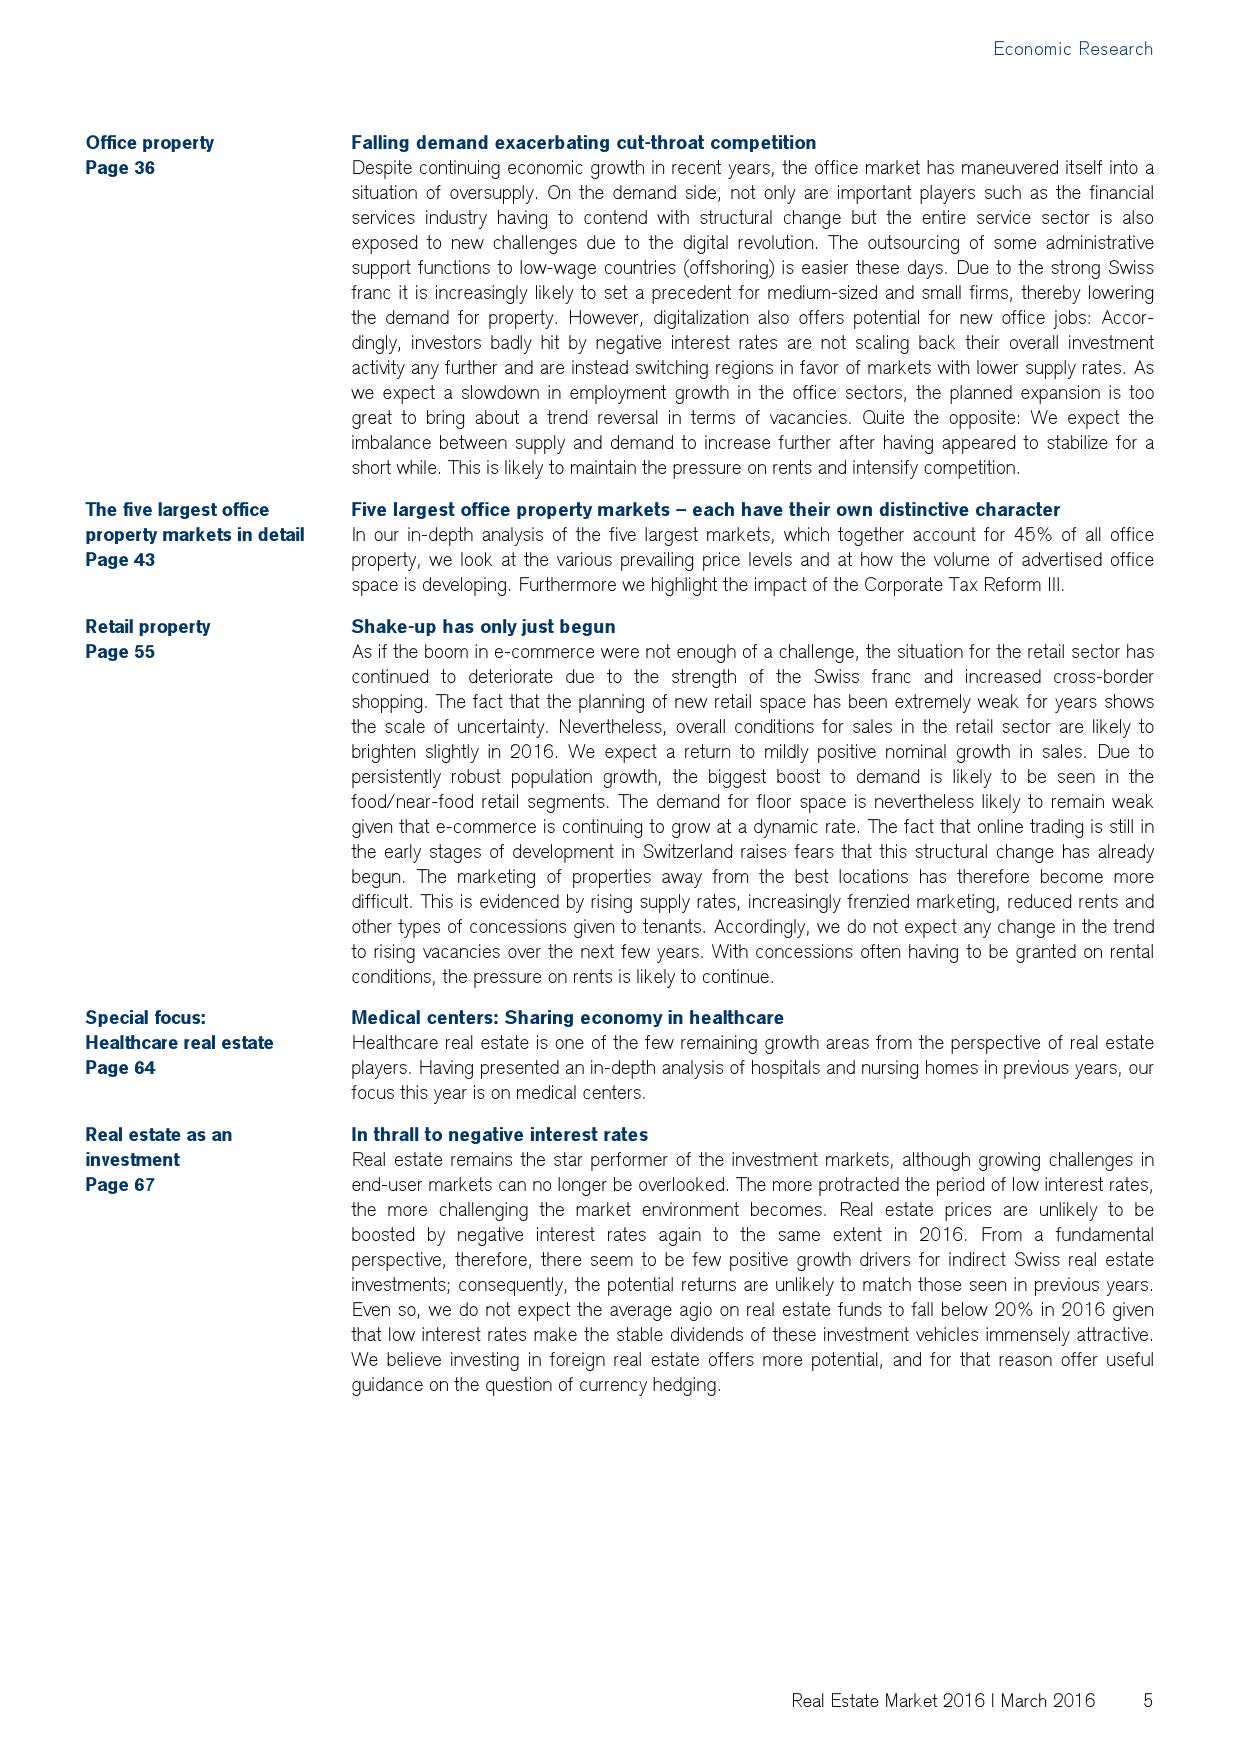 2016年瑞士房地产市场研究报告_000005